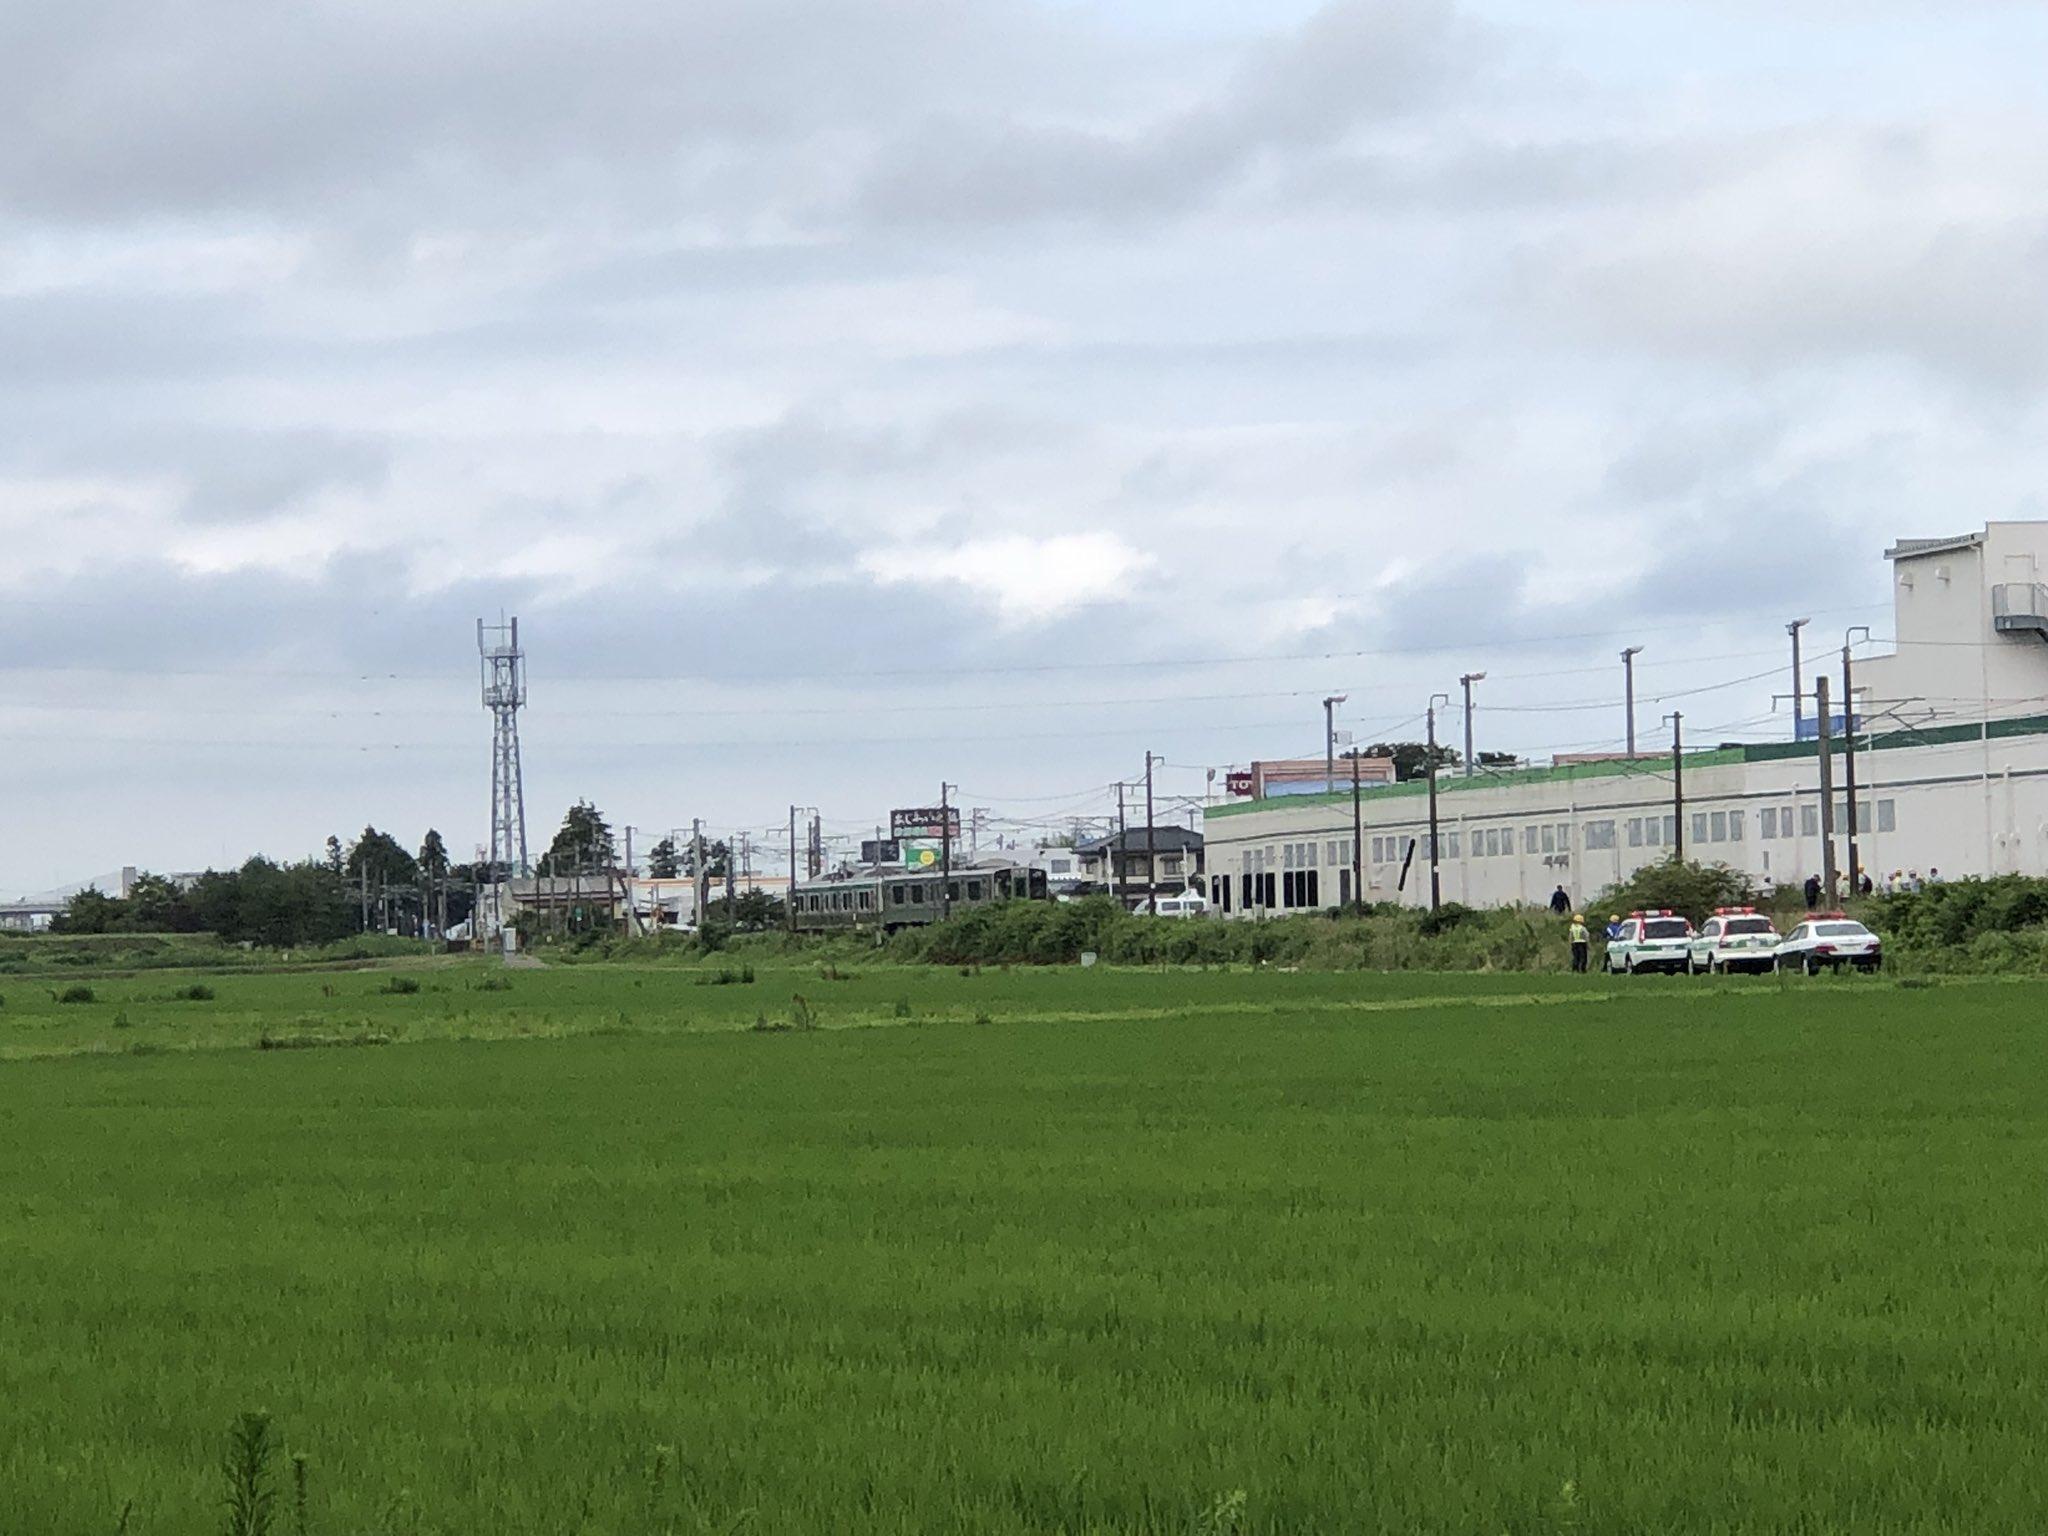 東北本線の岩沼駅~館腰駅間で人身事故が起きた現場の画像